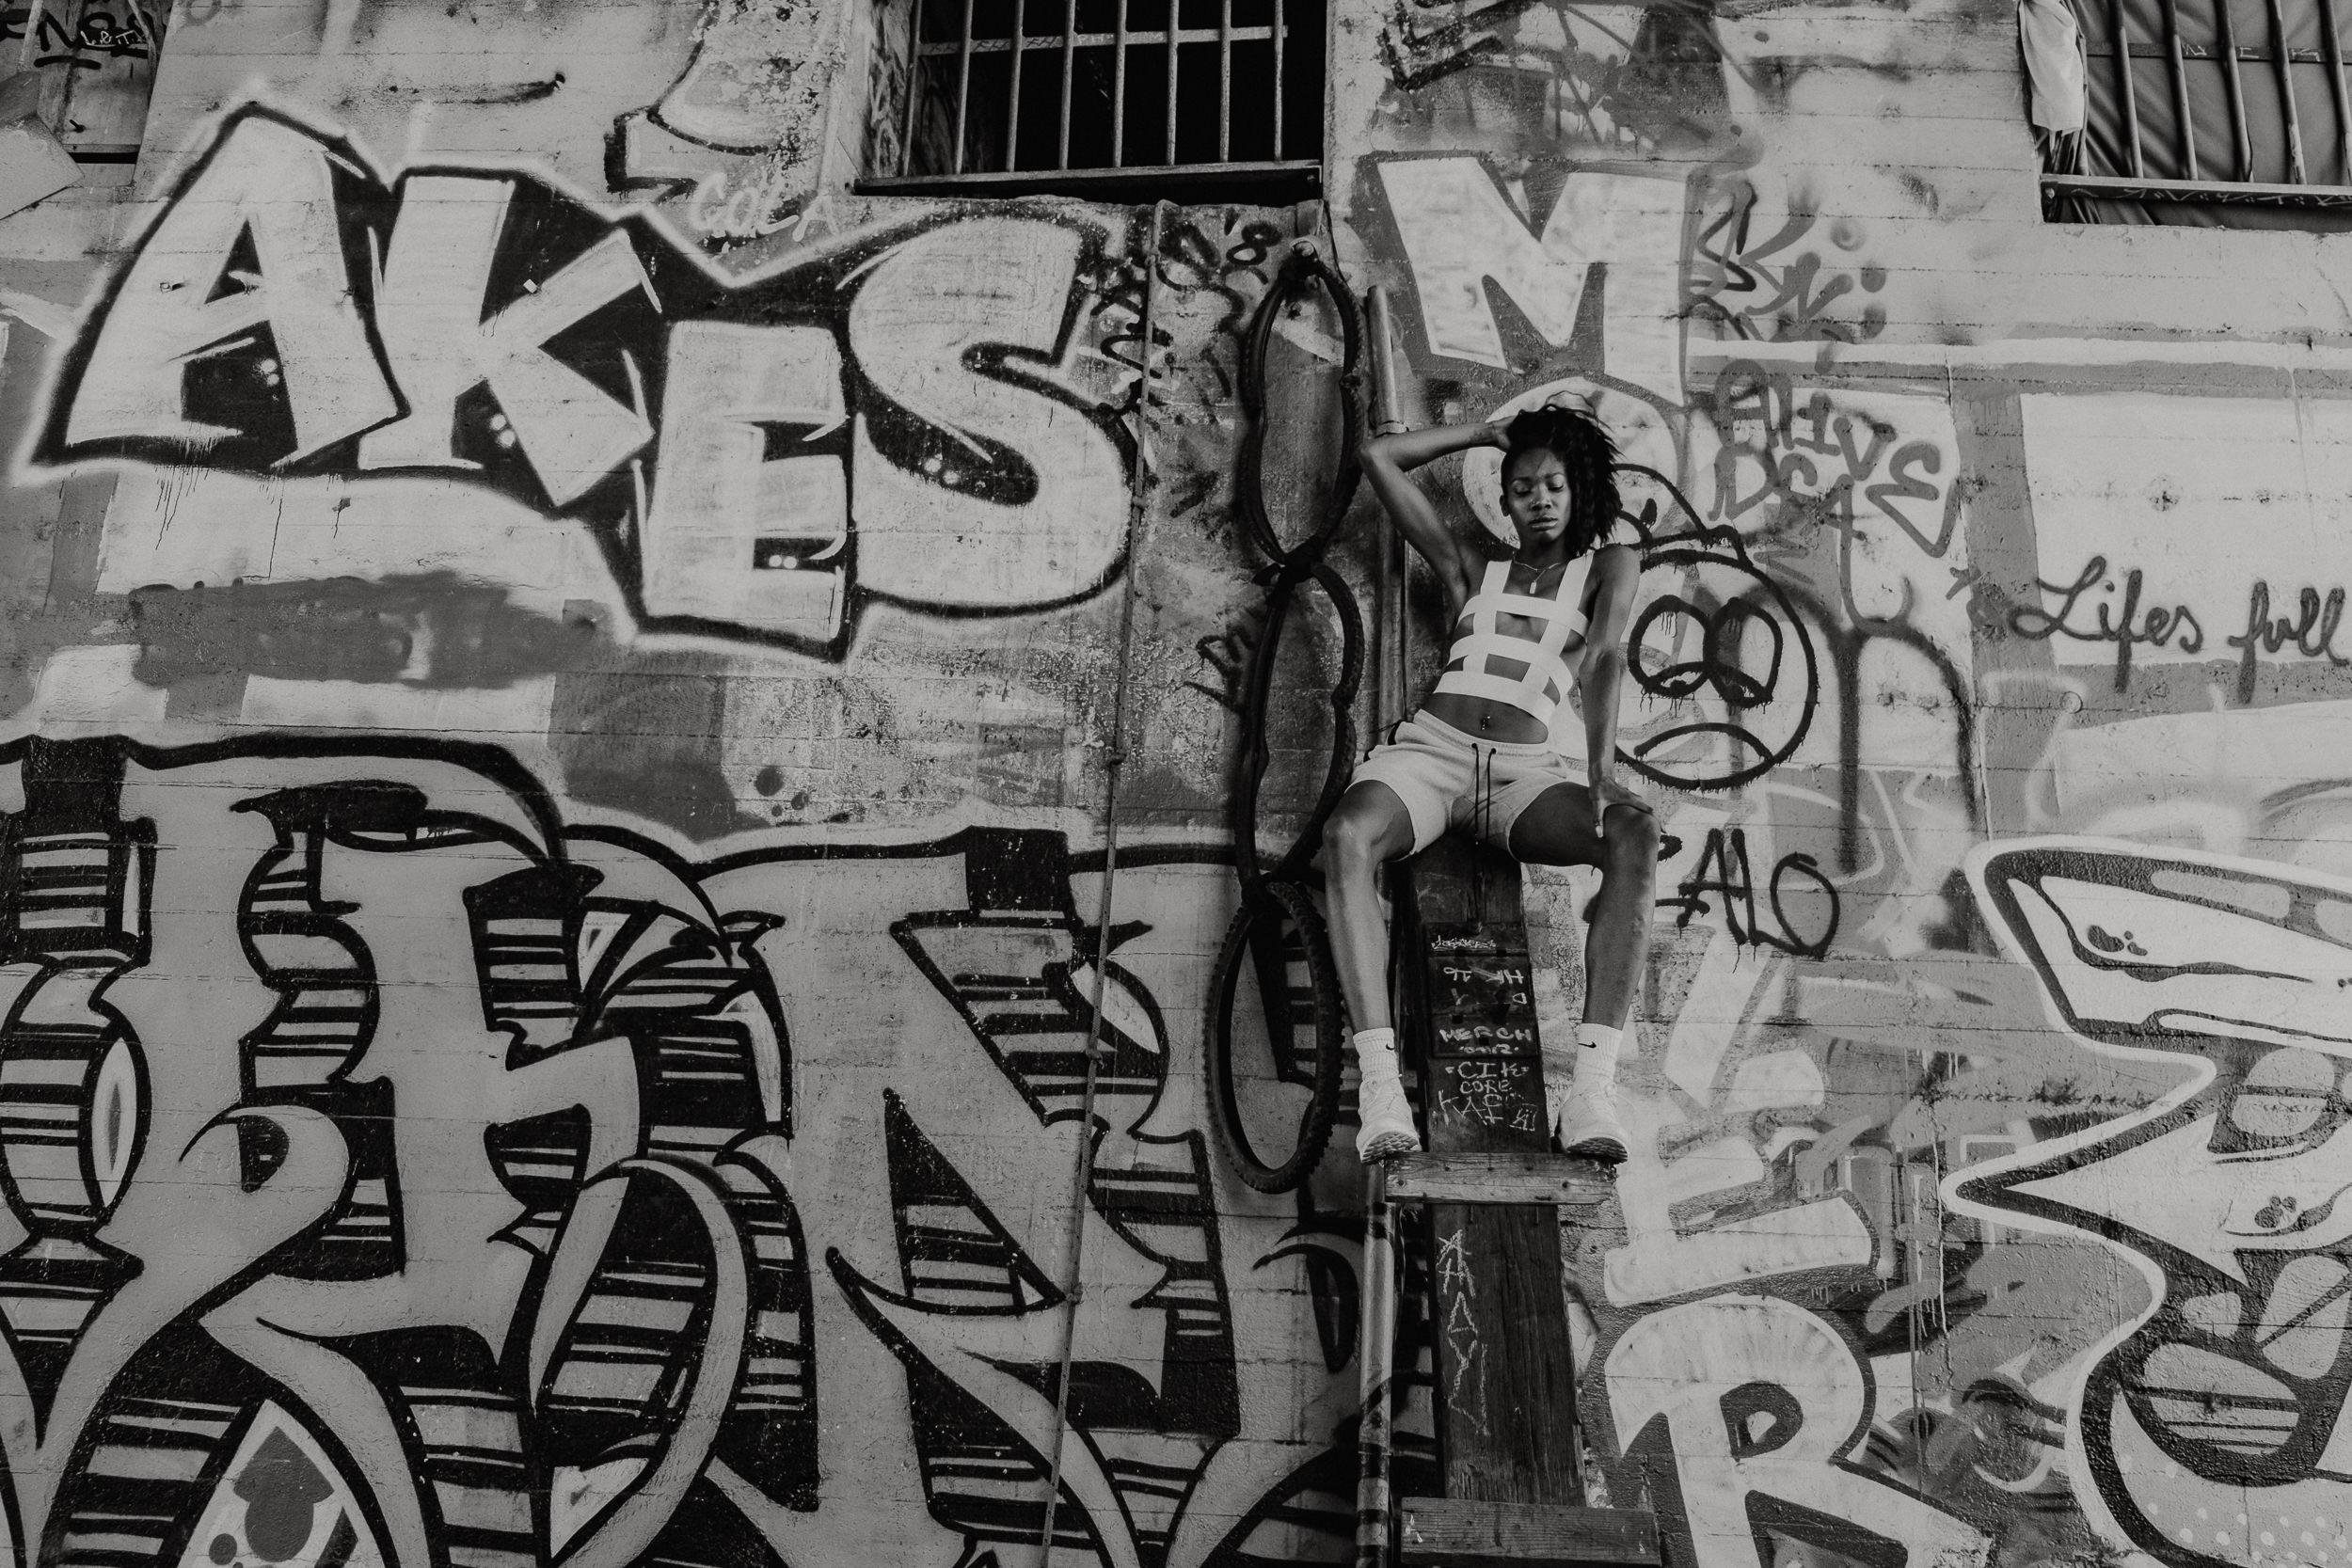 sLexi - Kreators Streetwear Meetup - Sept-22.jpg